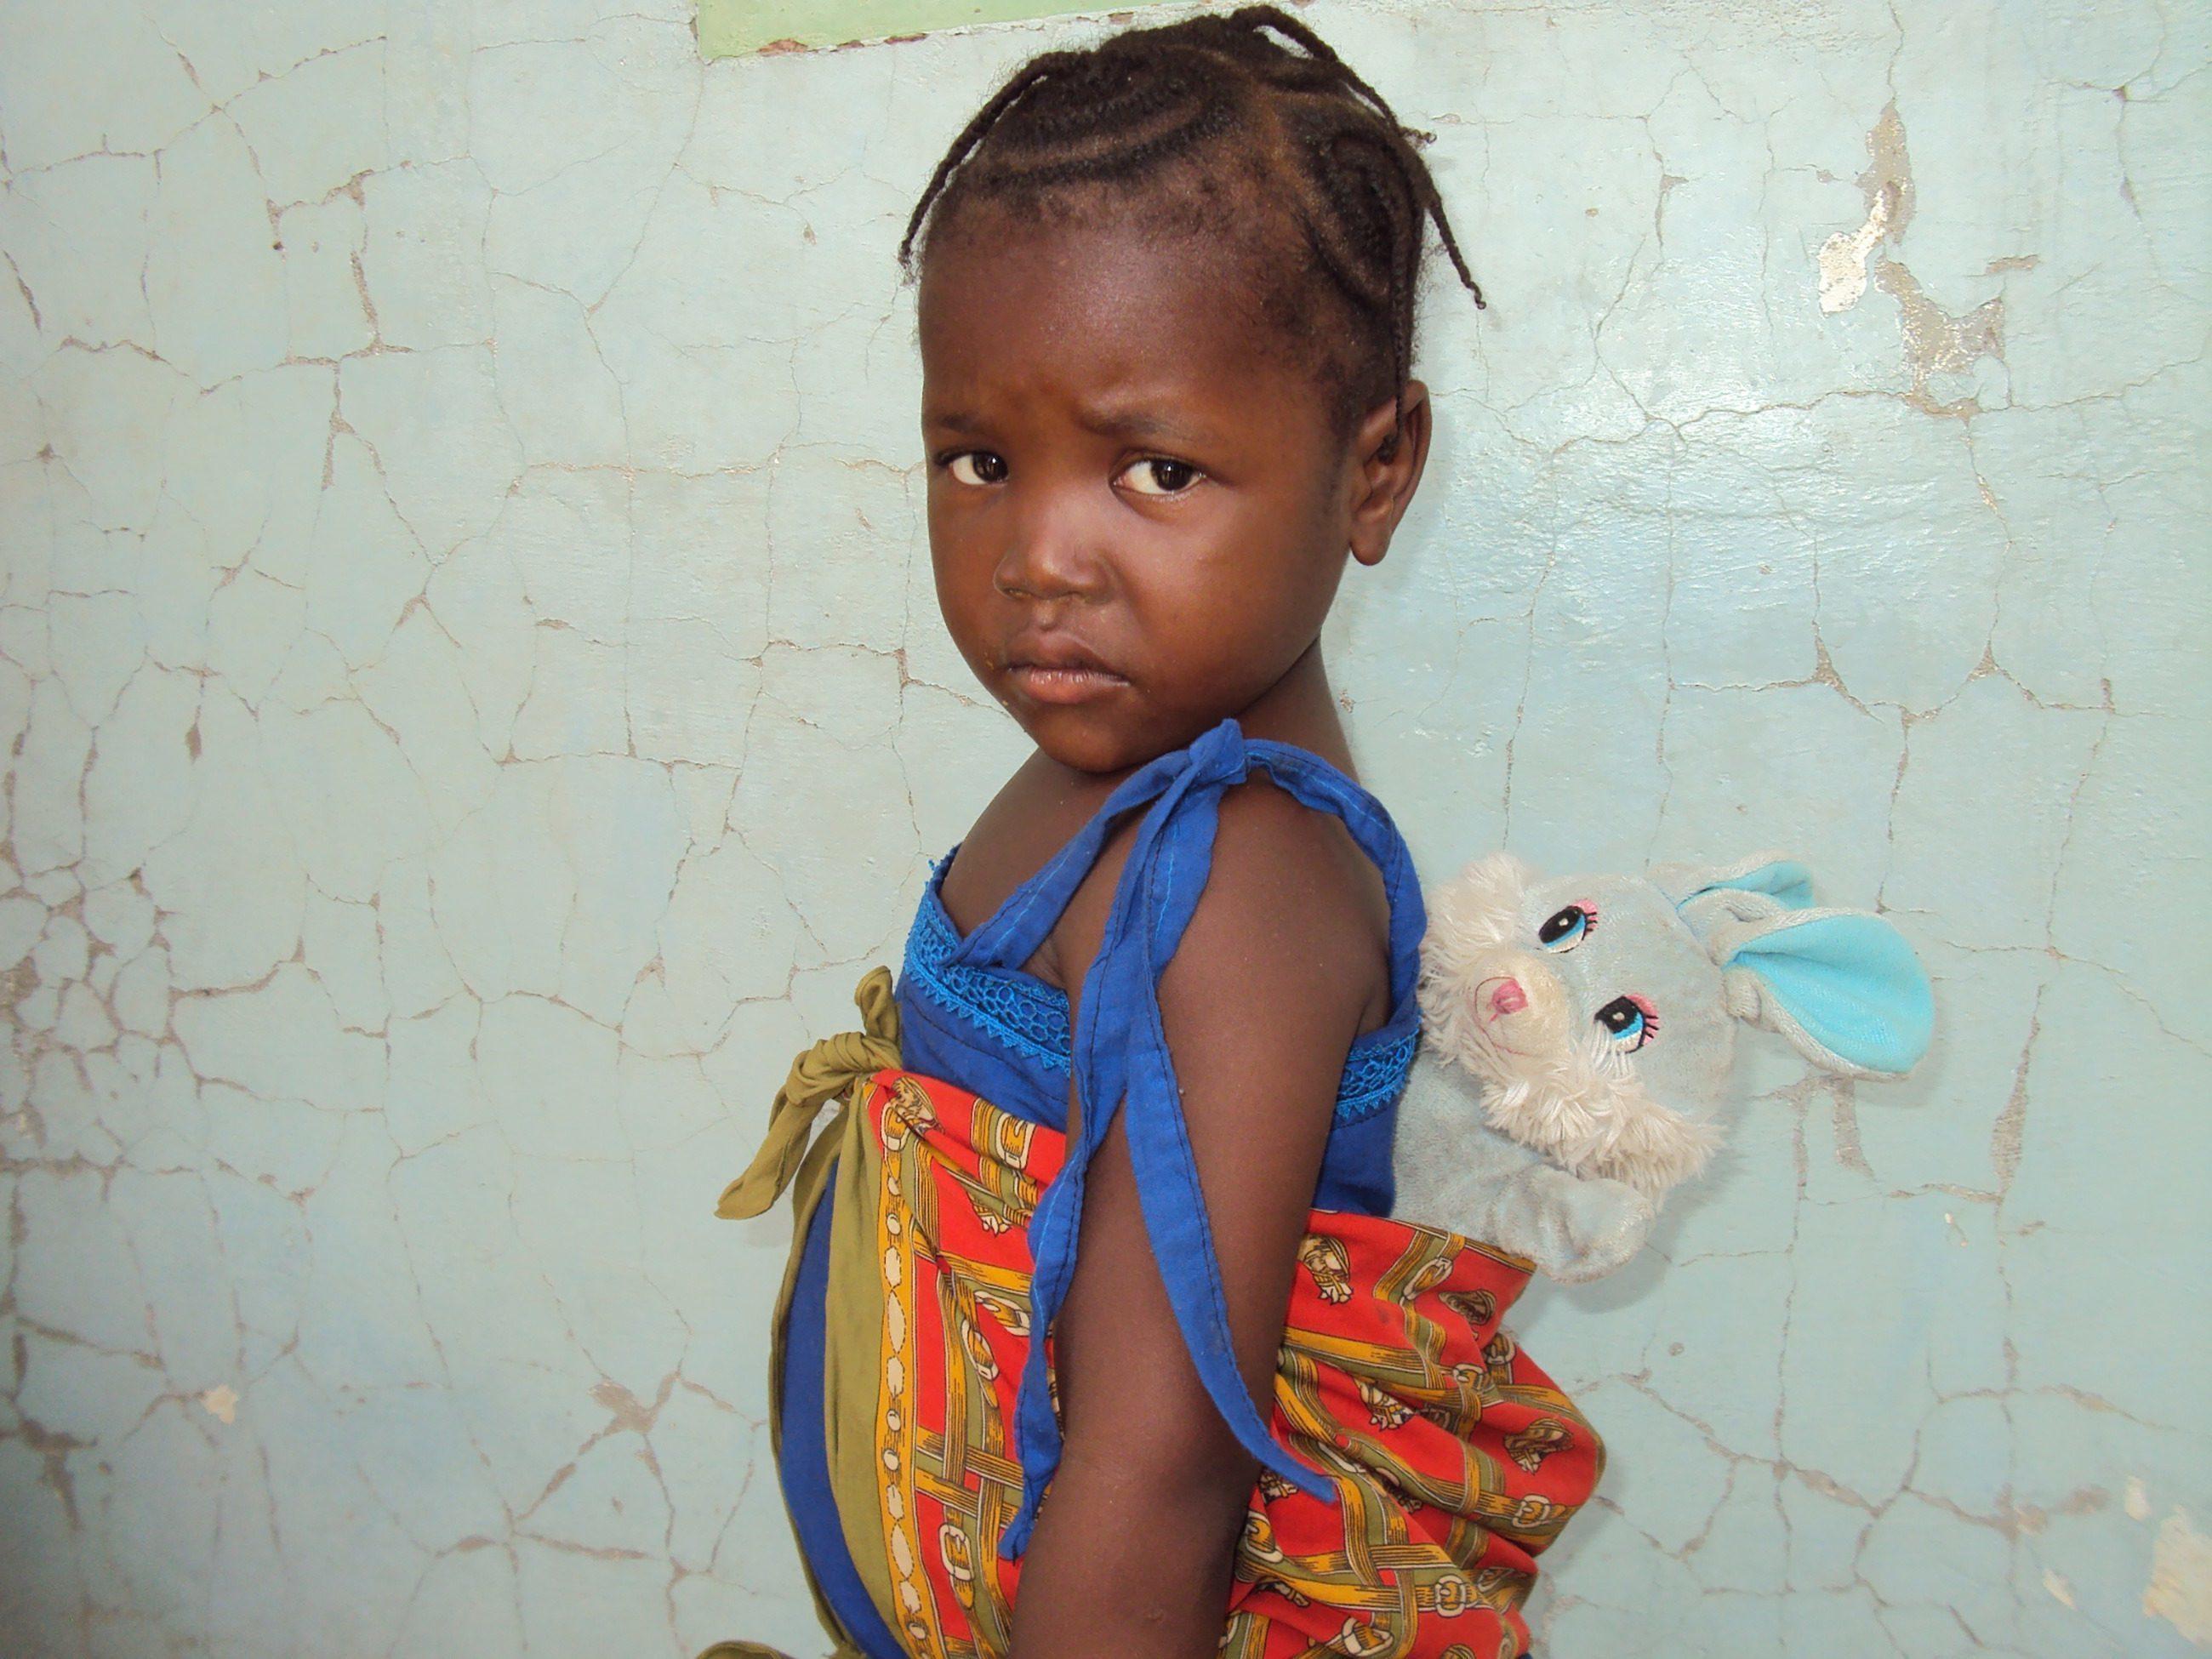 Une petite fille africaine au regard triste avec une peluche dans son sac à dos.